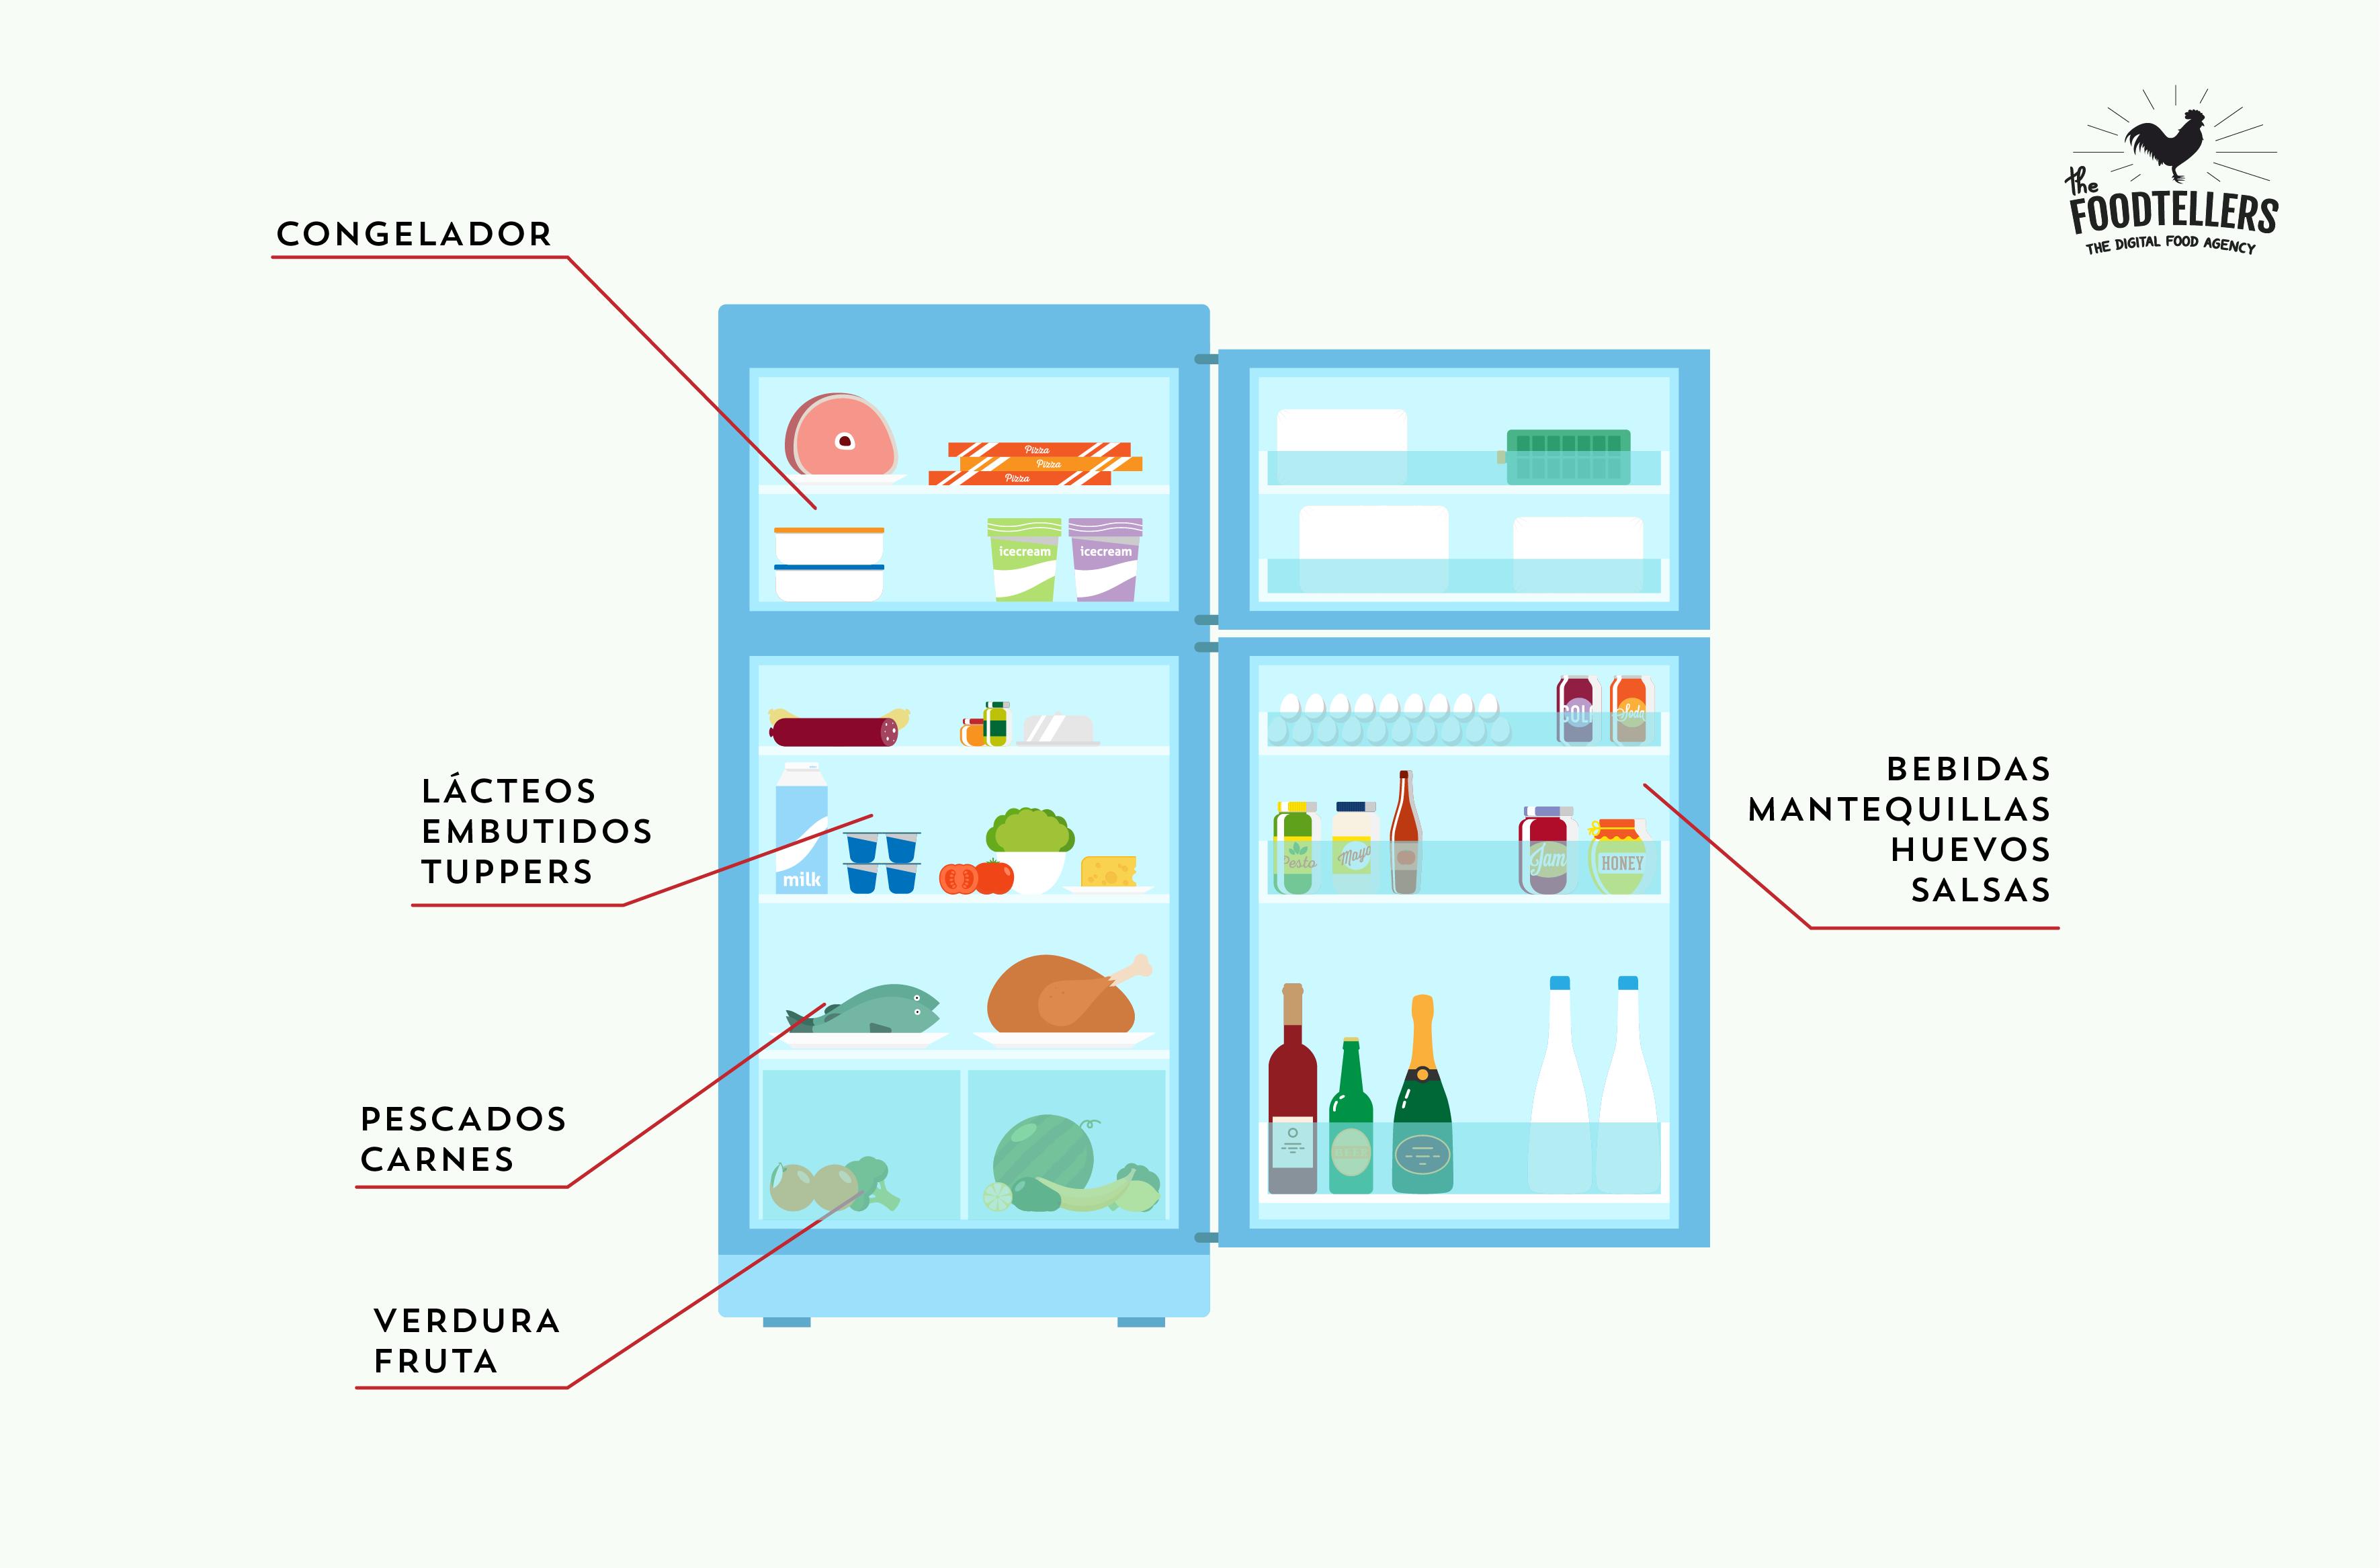 nevera infografía comida